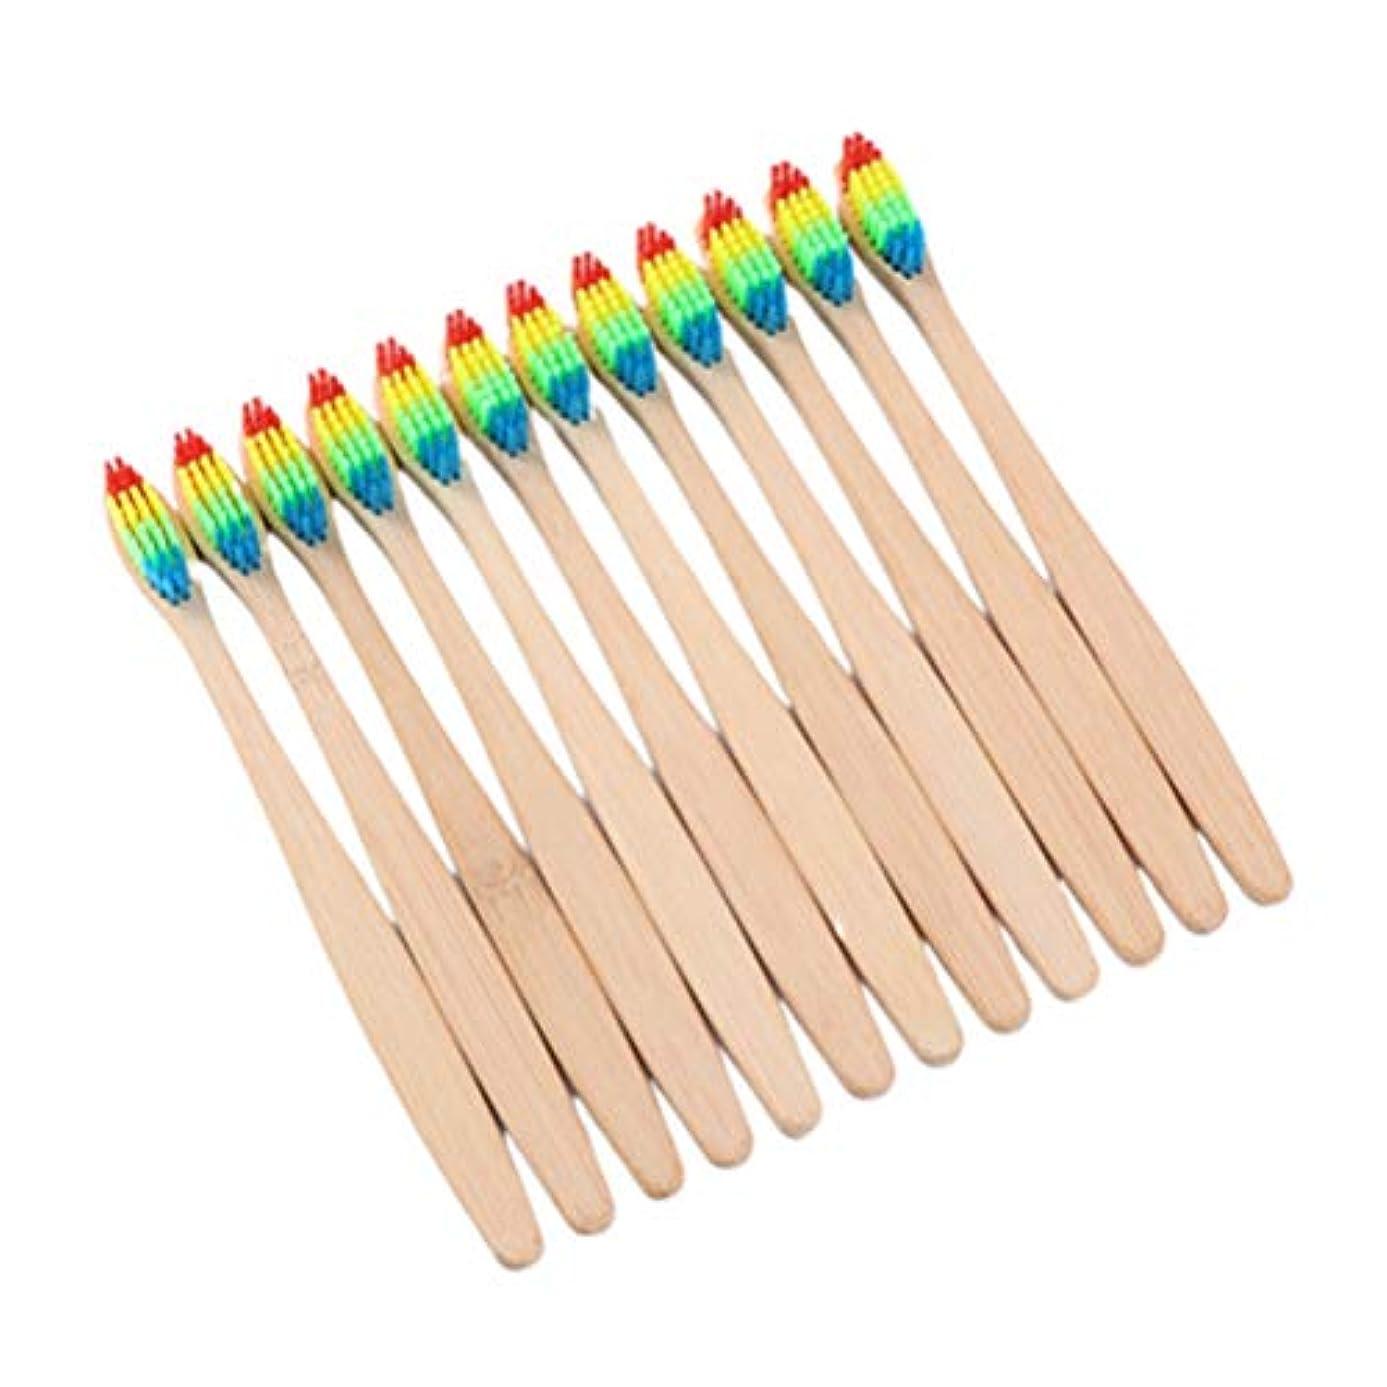 再生より平らな病なTOPBATHY 10本 歯ブラシ 竹 極細 天然 ふつう やわらかめ 木製 環境にやさしい 大人 子供 兼用 旅行 トラベル 出張 携帯 虹色